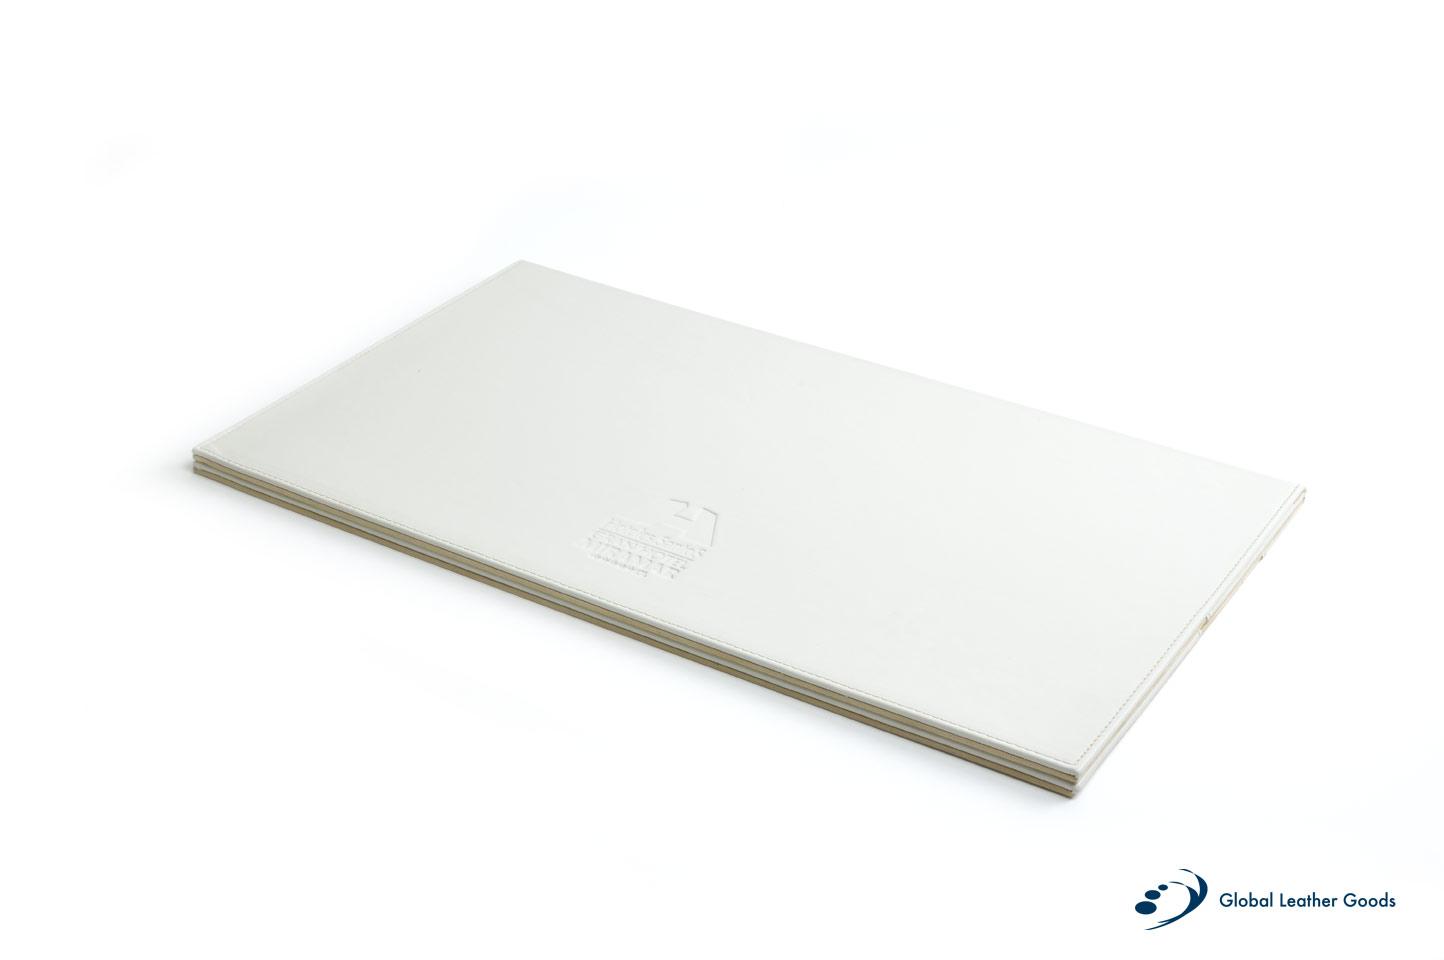 Accesorios escritorio - vade-escritorio-piel